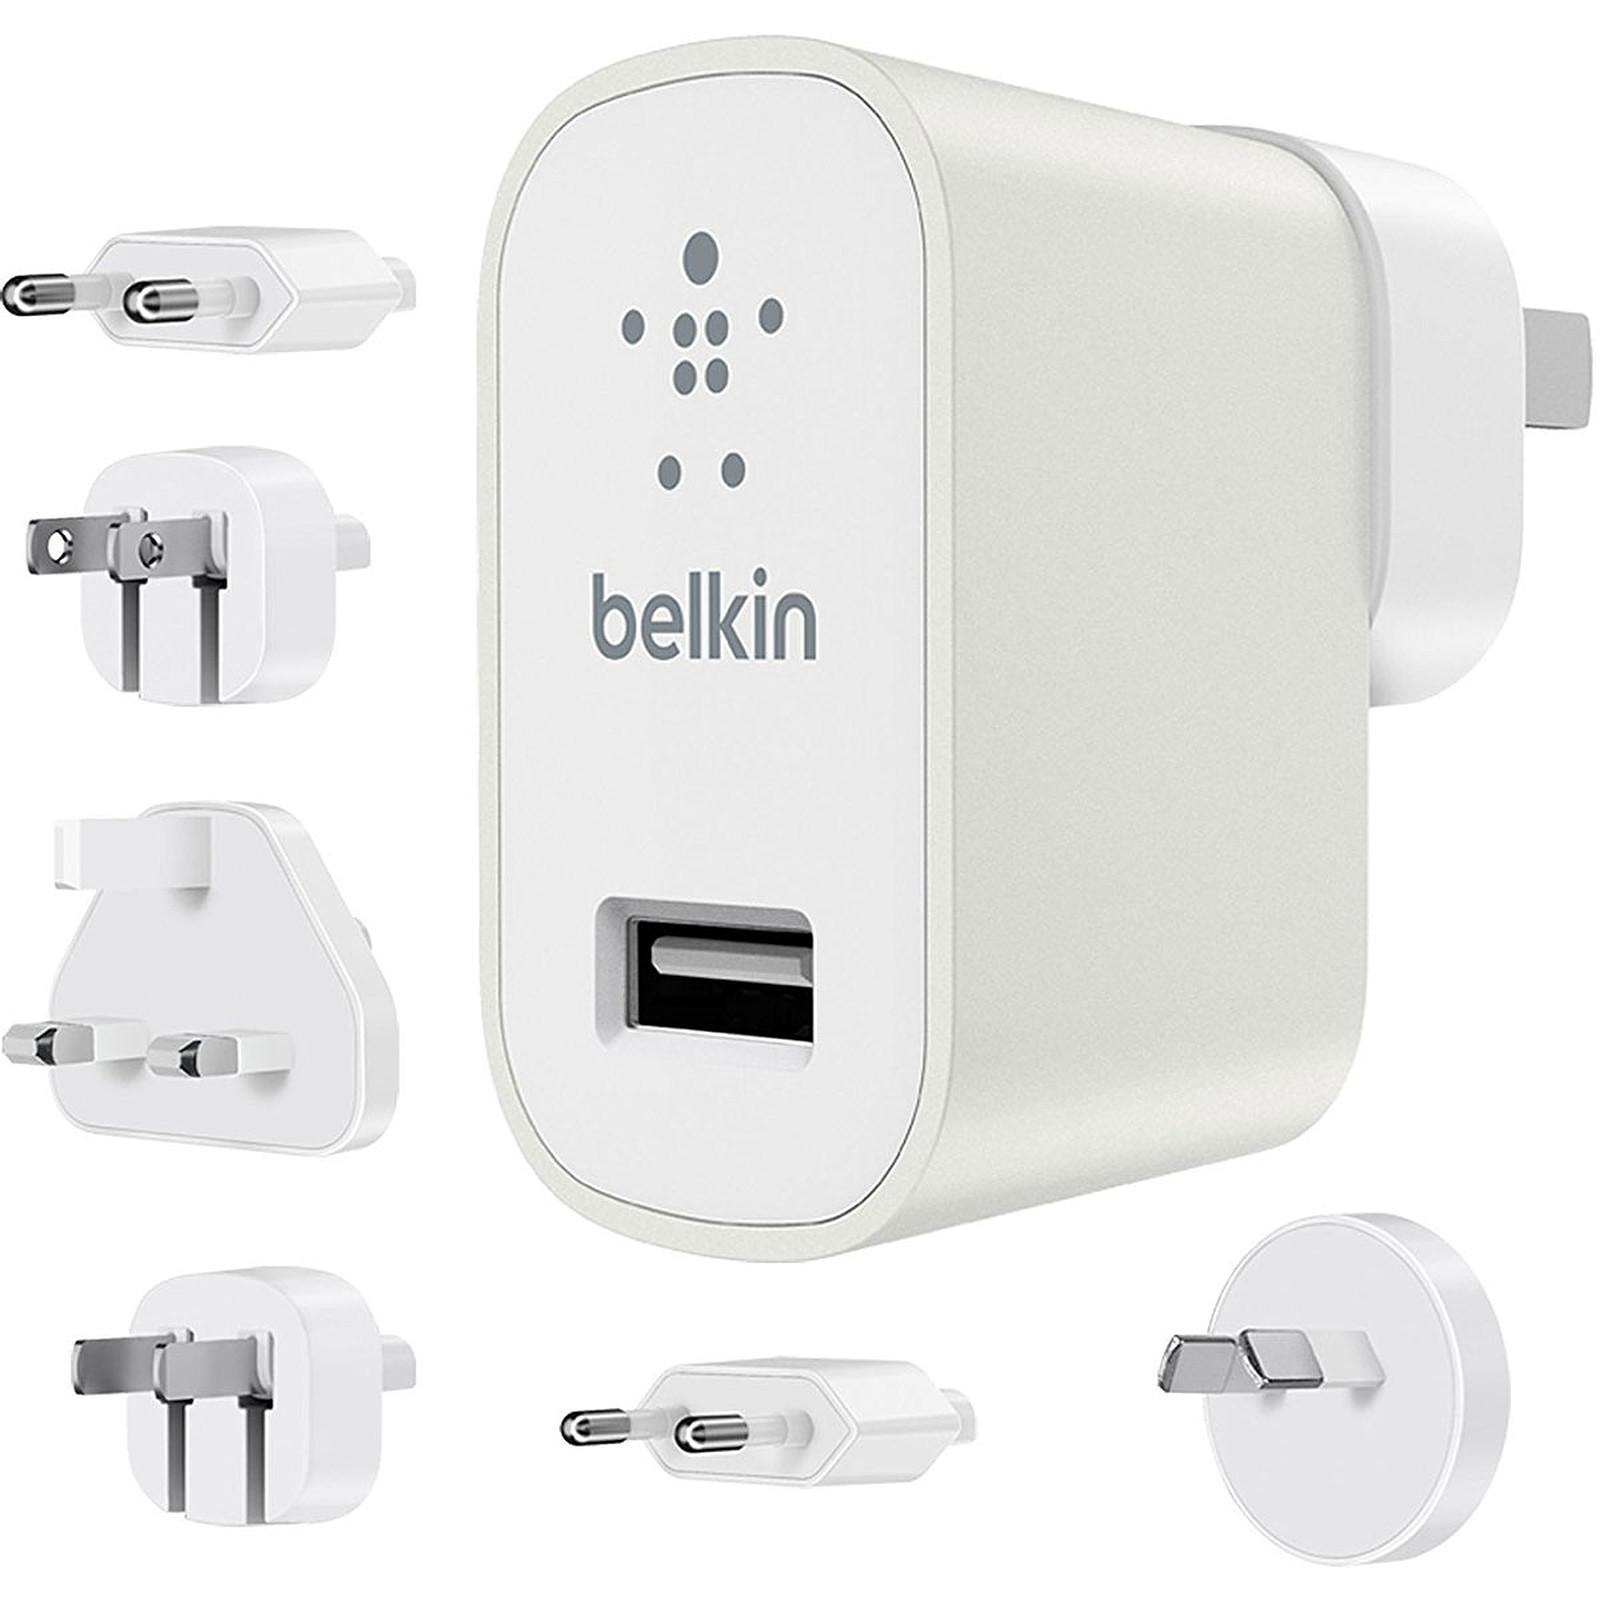 Belkin Kit de voyage international (F8M967btWHT)